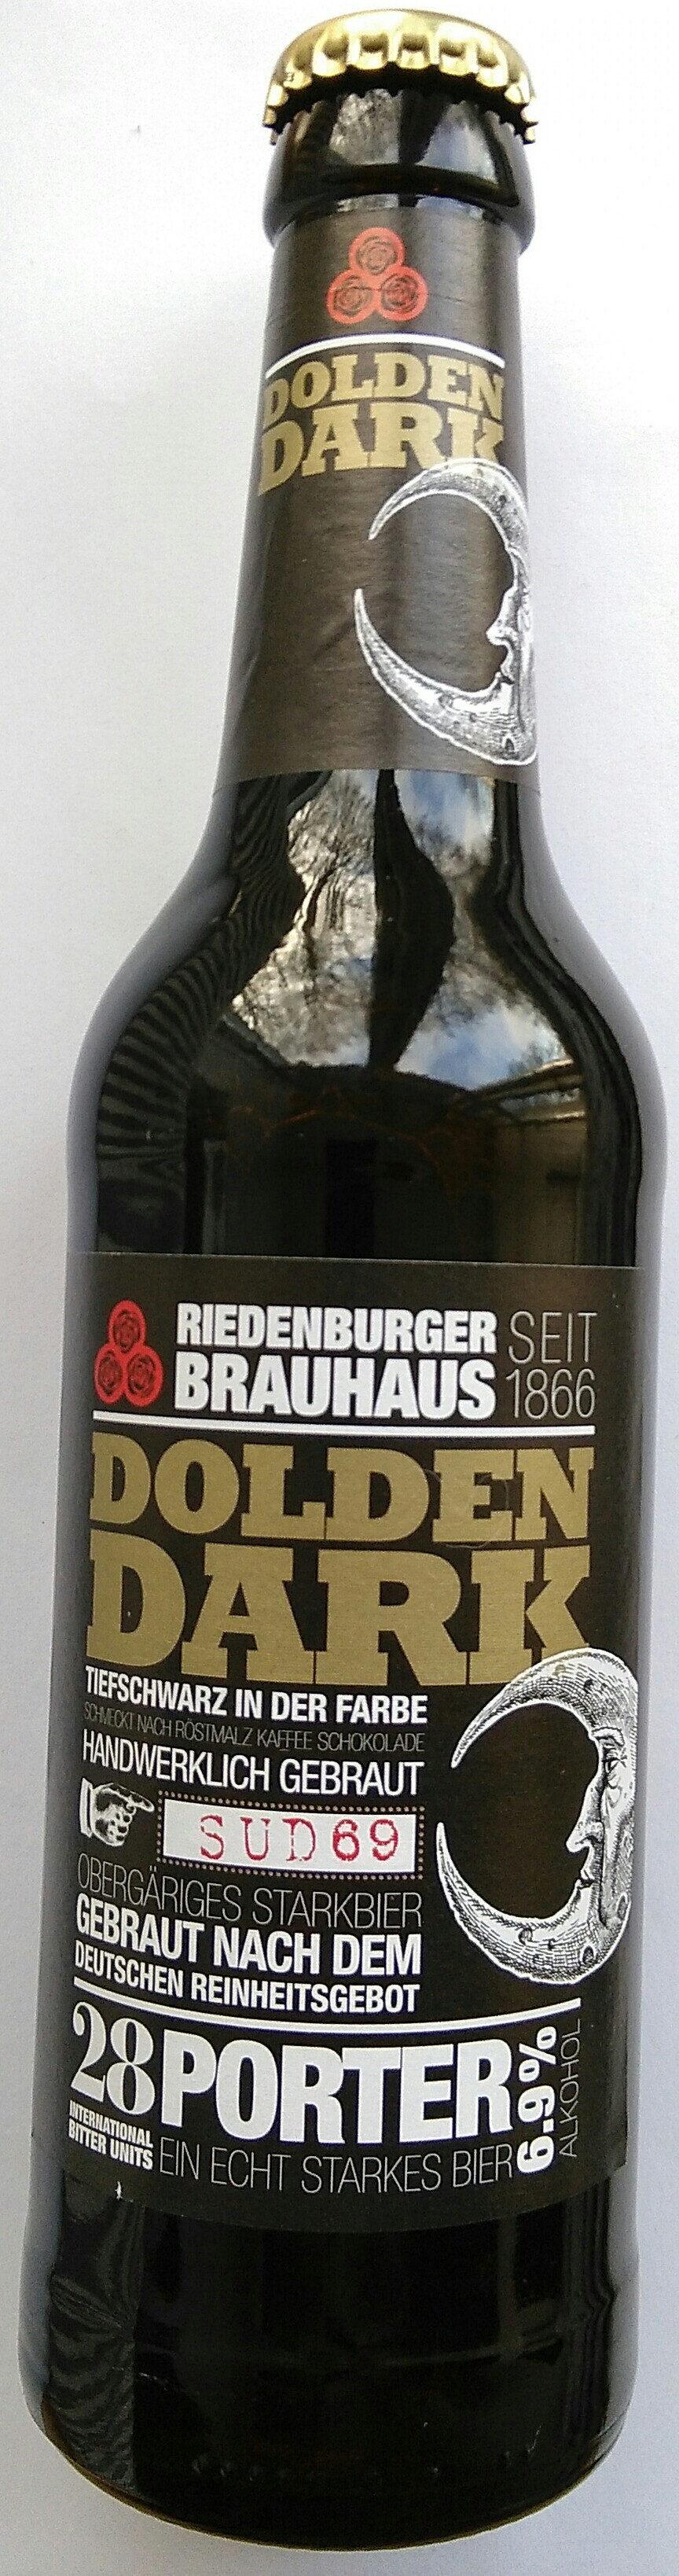 Dolden Dark - Product